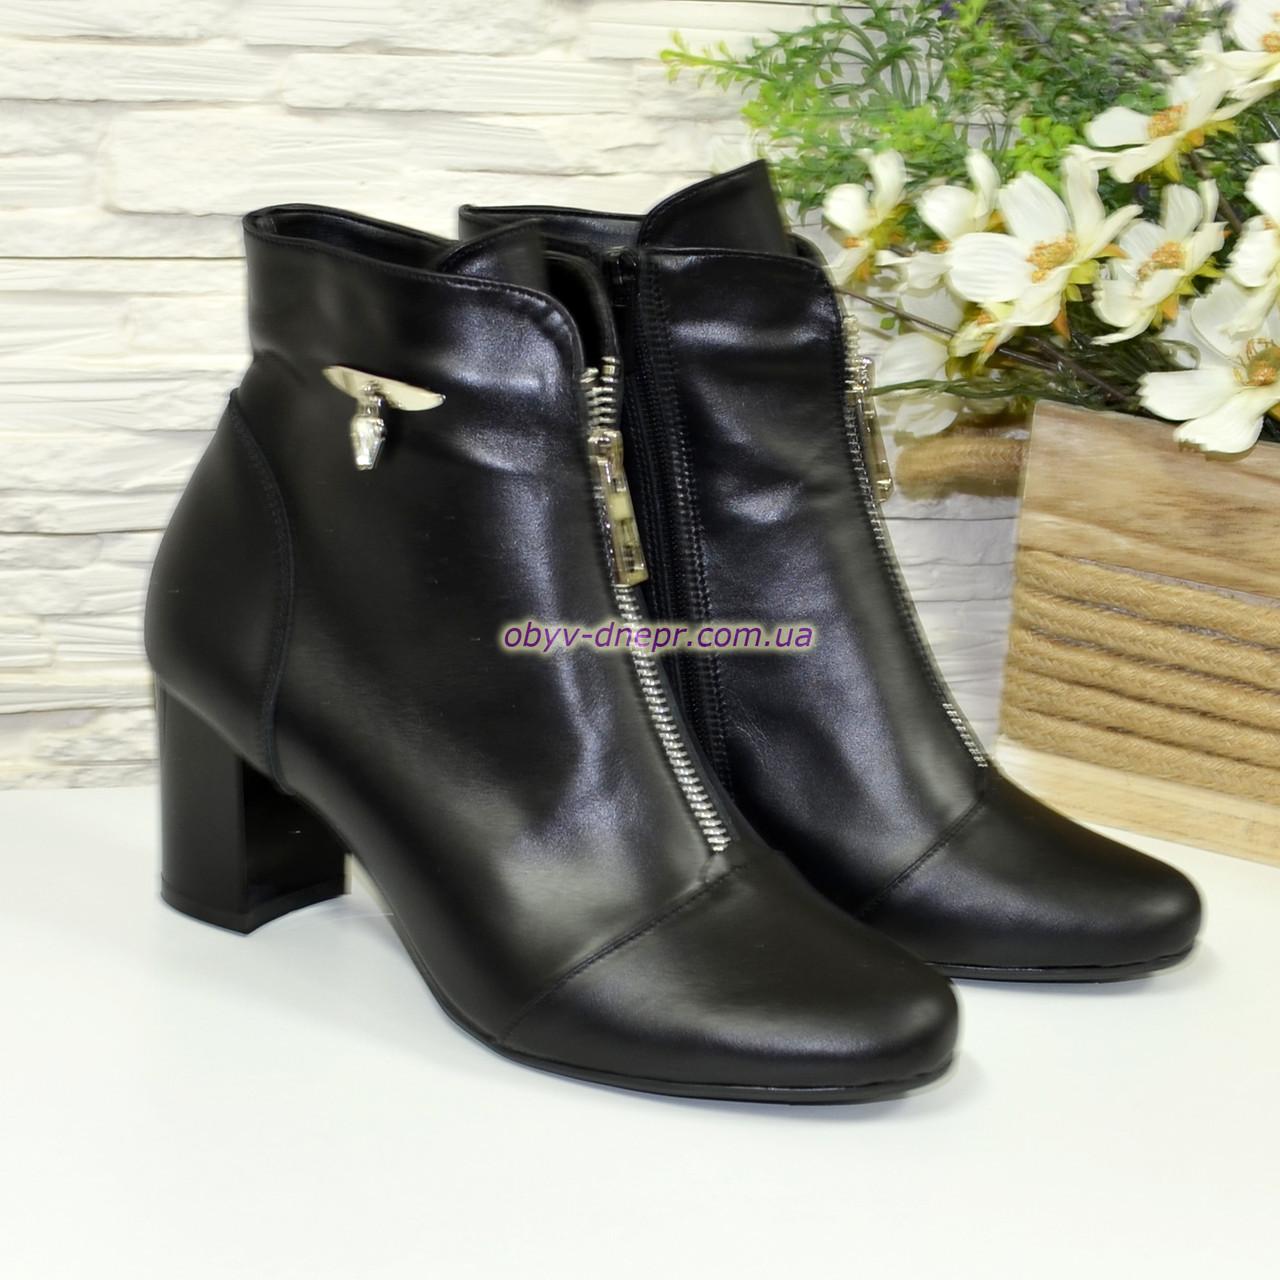 Женские демисезонные кожаные ботинки, декорированы фурнитурой